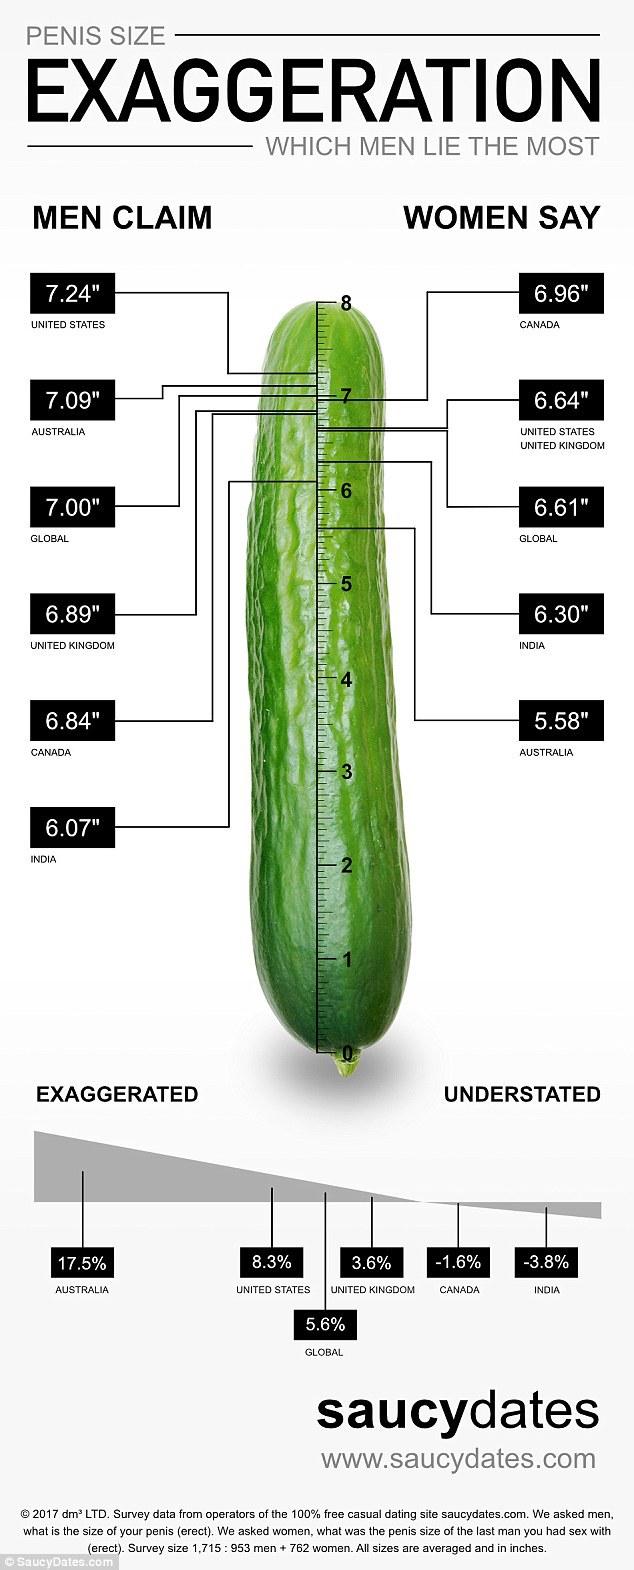 dimensiunile penisului erect